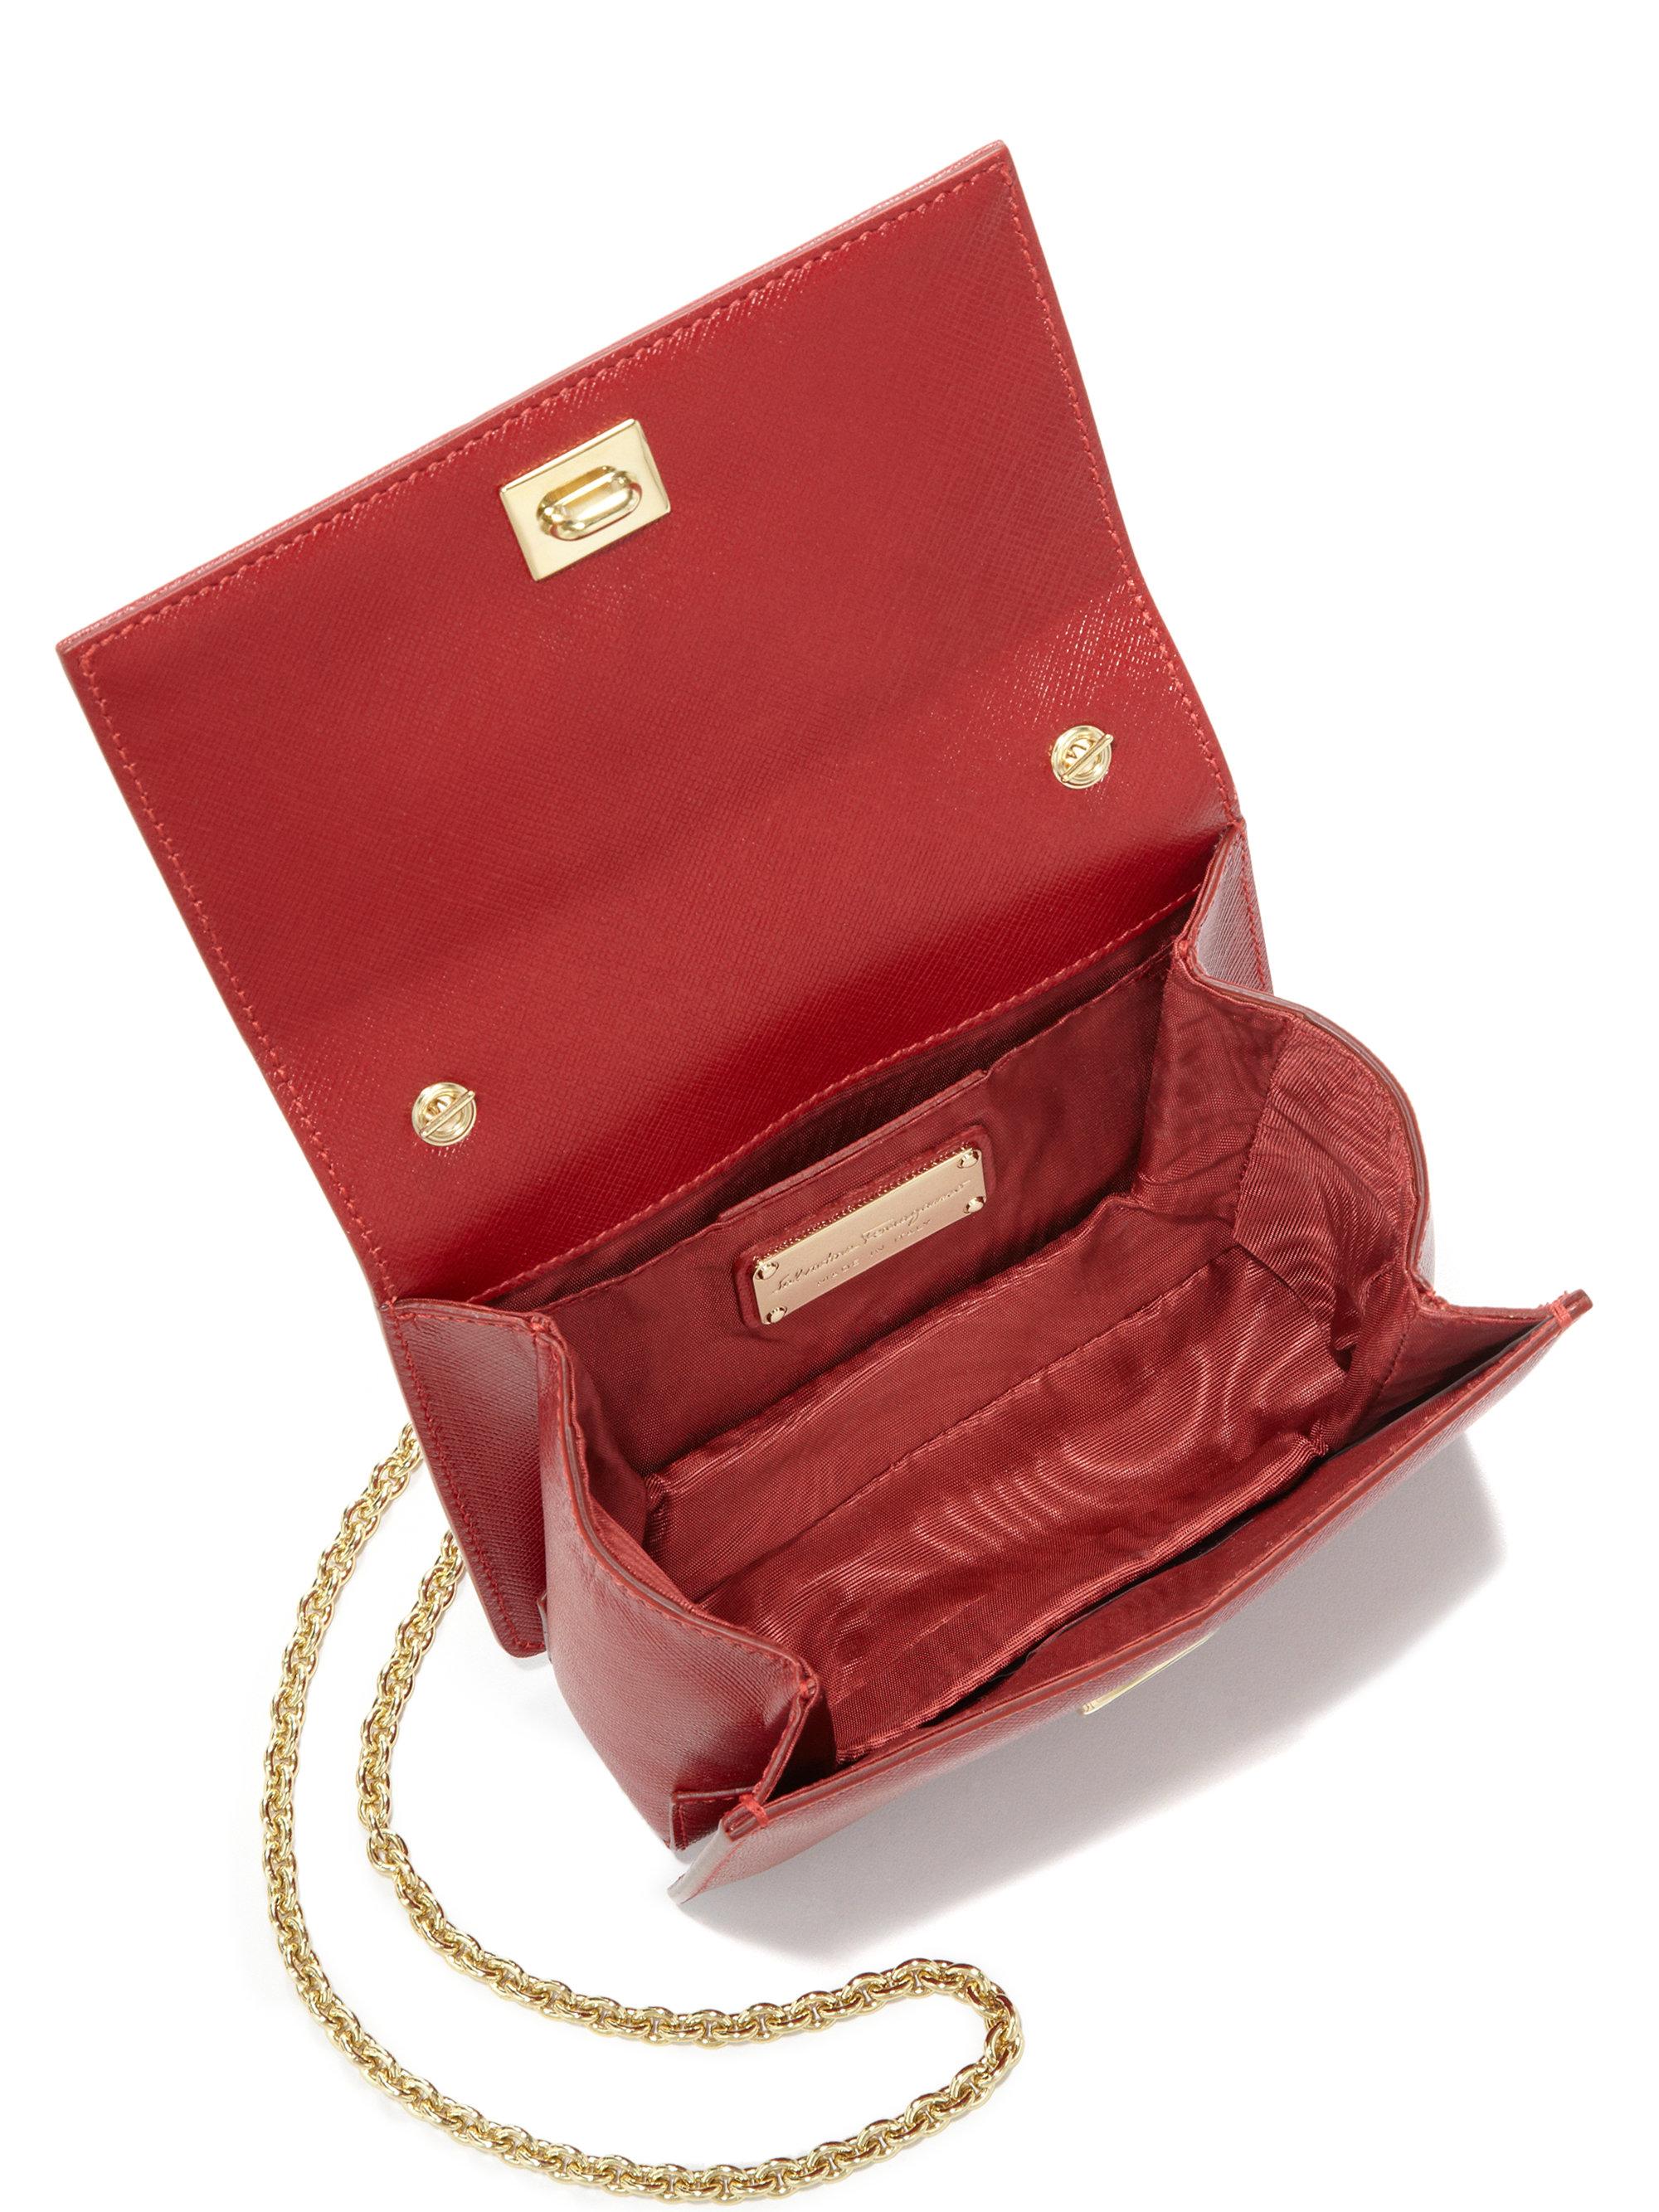 30e63b1bd58 Lyst - Ferragamo Ginny Mini Square Saffiano Leather Crossbody Bag in Red